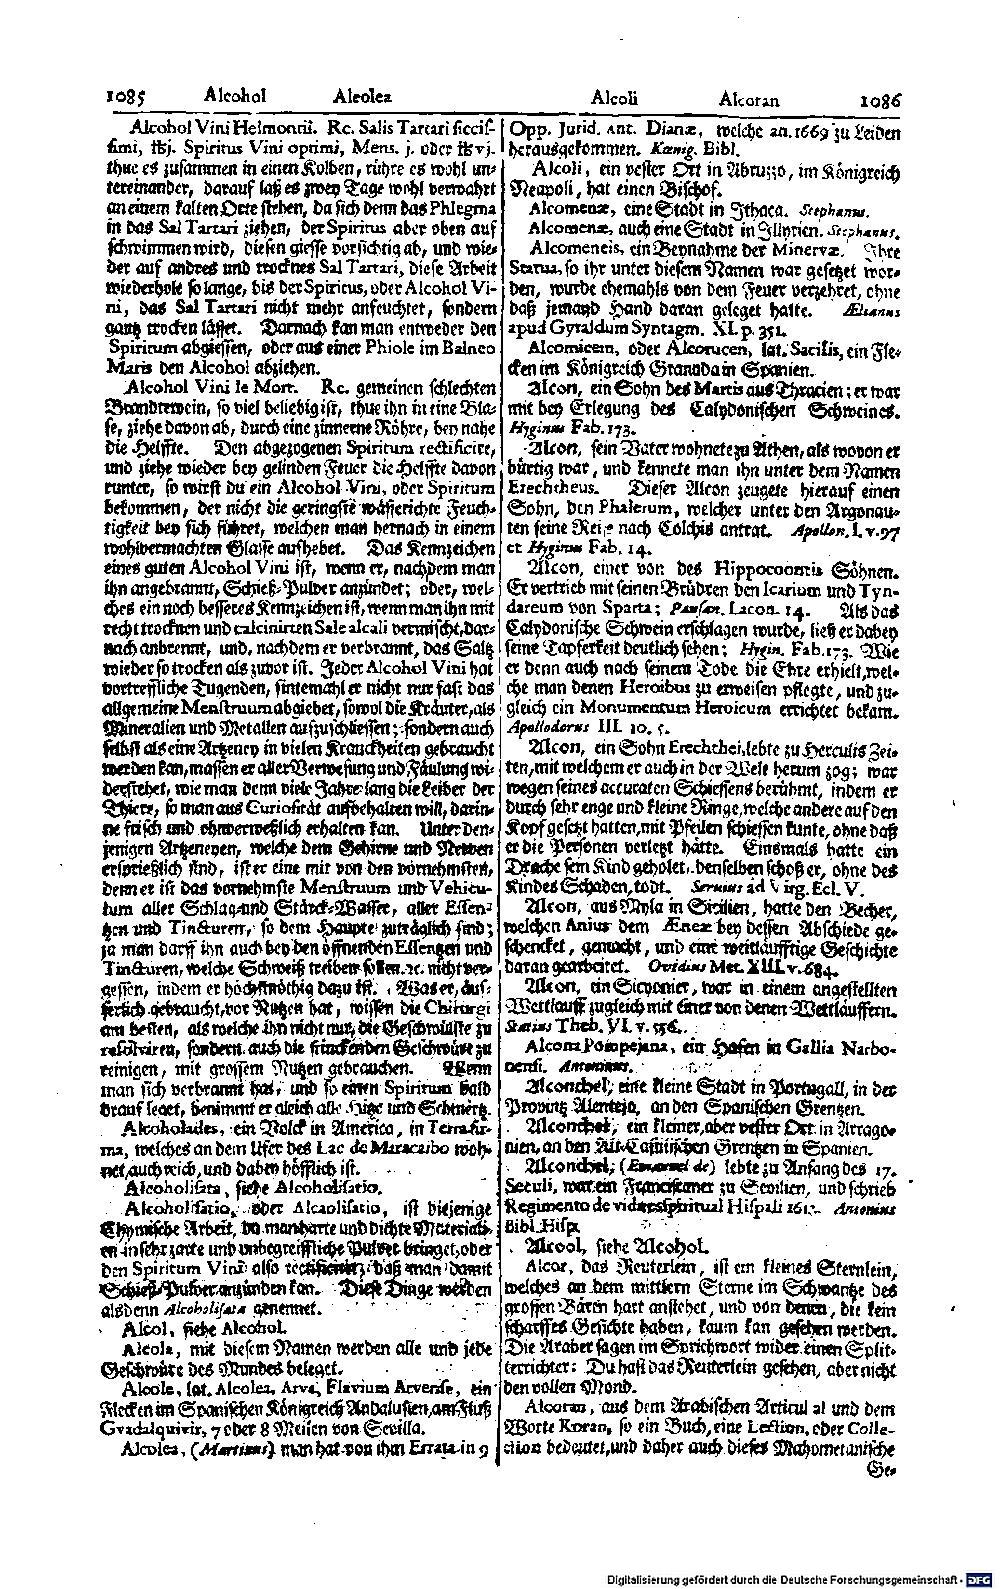 Bd. 01, Seite 0582.